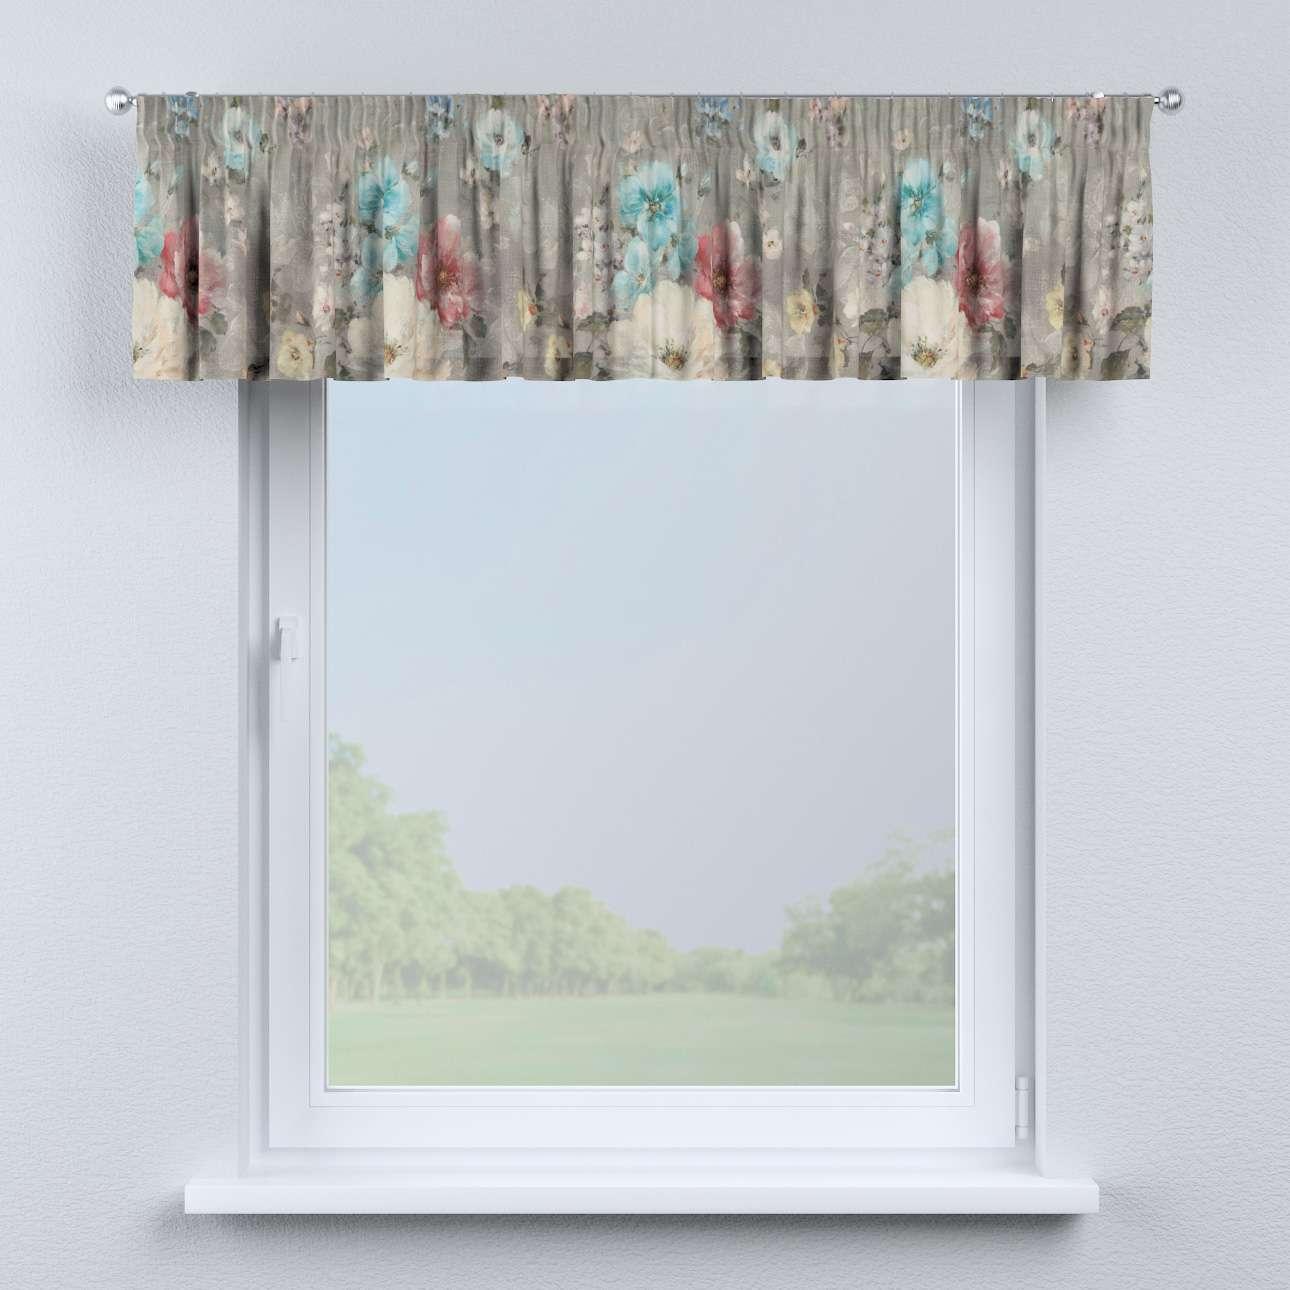 Gardinkappe med rynkebånd 130 x 40 cm fra kollektionen Monet, Stof: 137-81